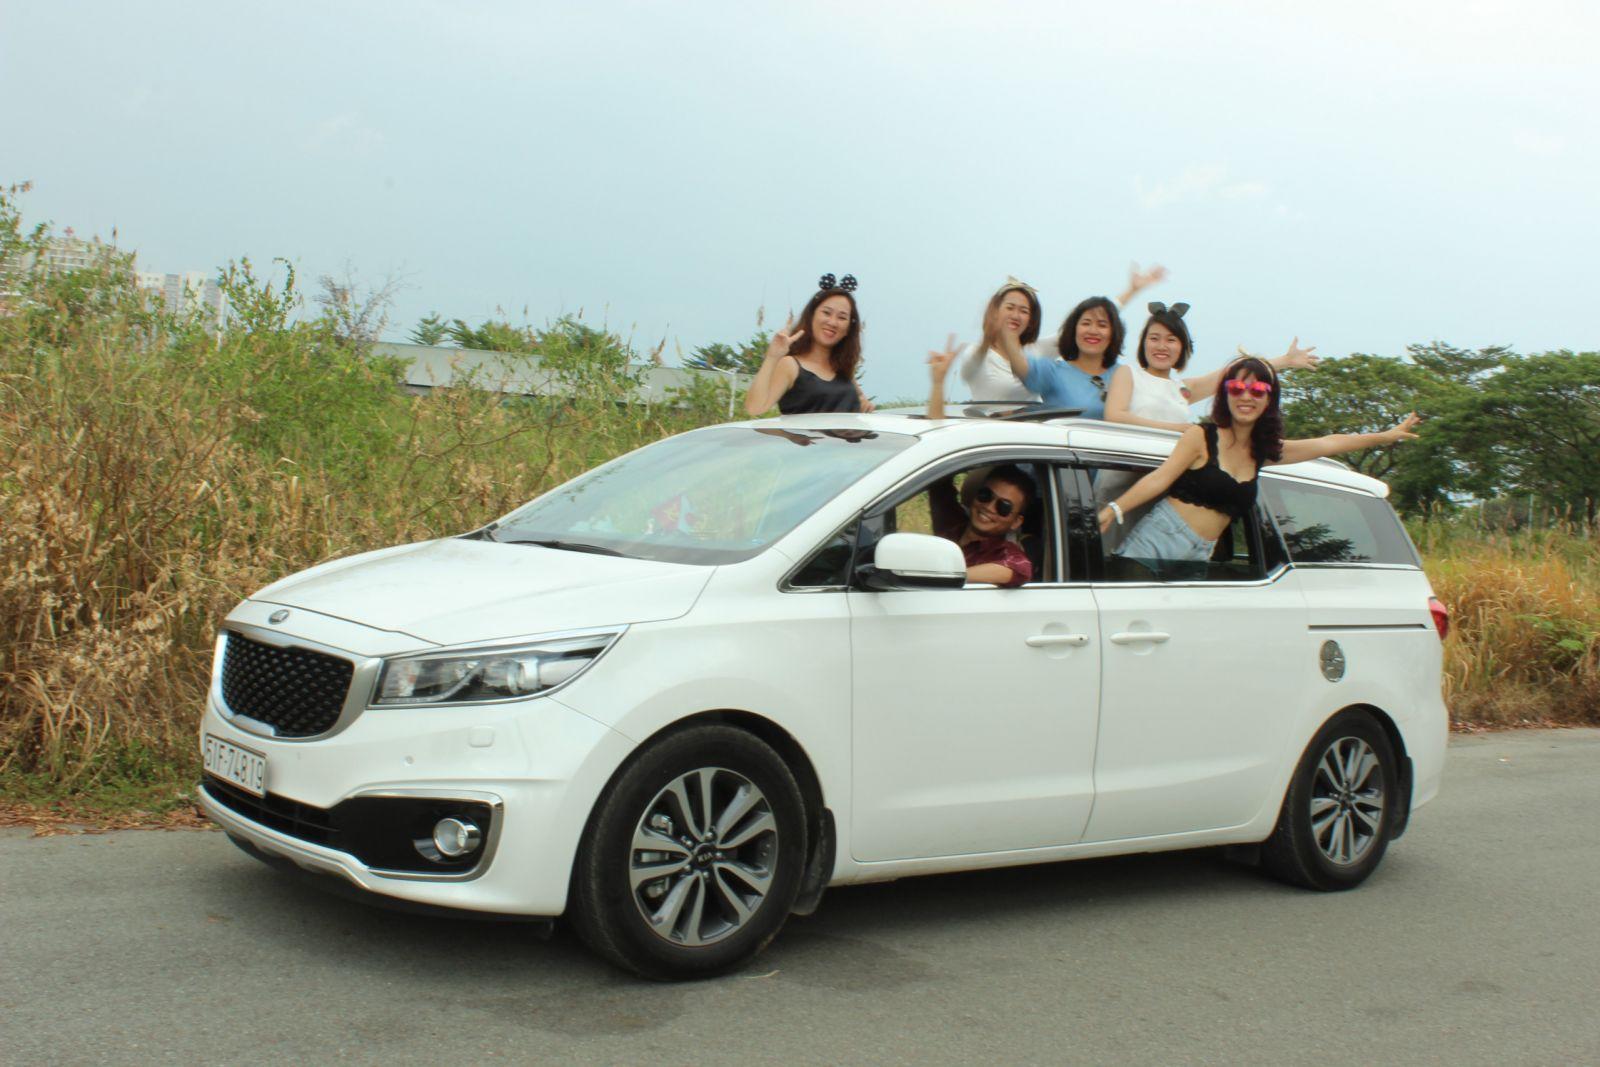 Đội ngũ nhân viên tài xế tại Huy Đạt giàu kinh nghiệm và thông thạo mọi tuyến đường